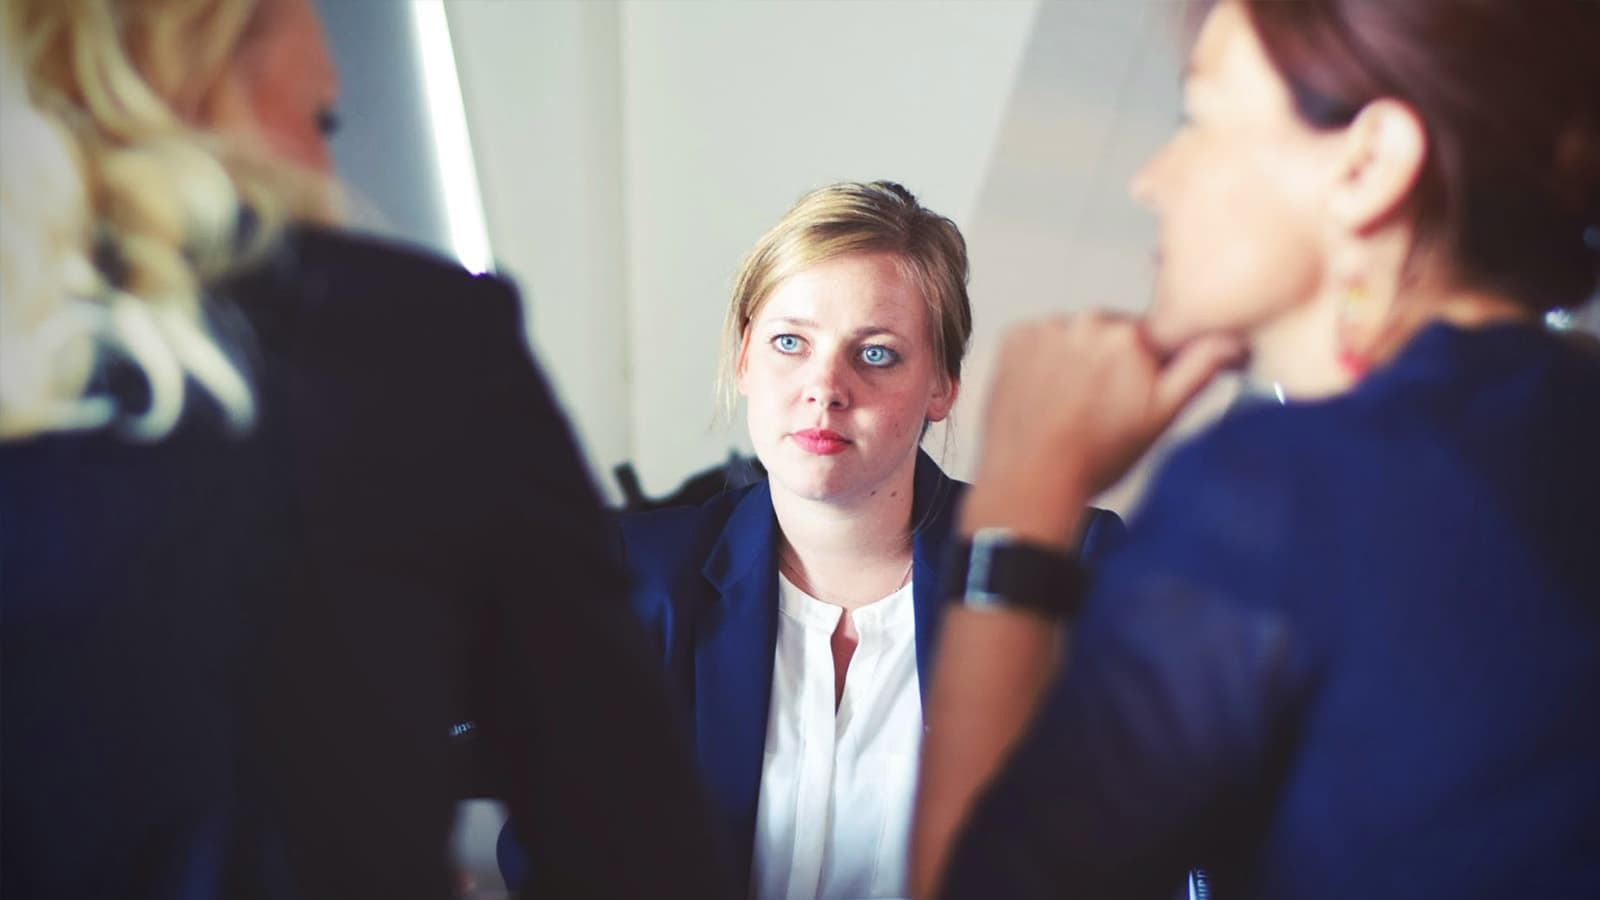 Berufliche Neuorientierung - Bewerbungsgespräch